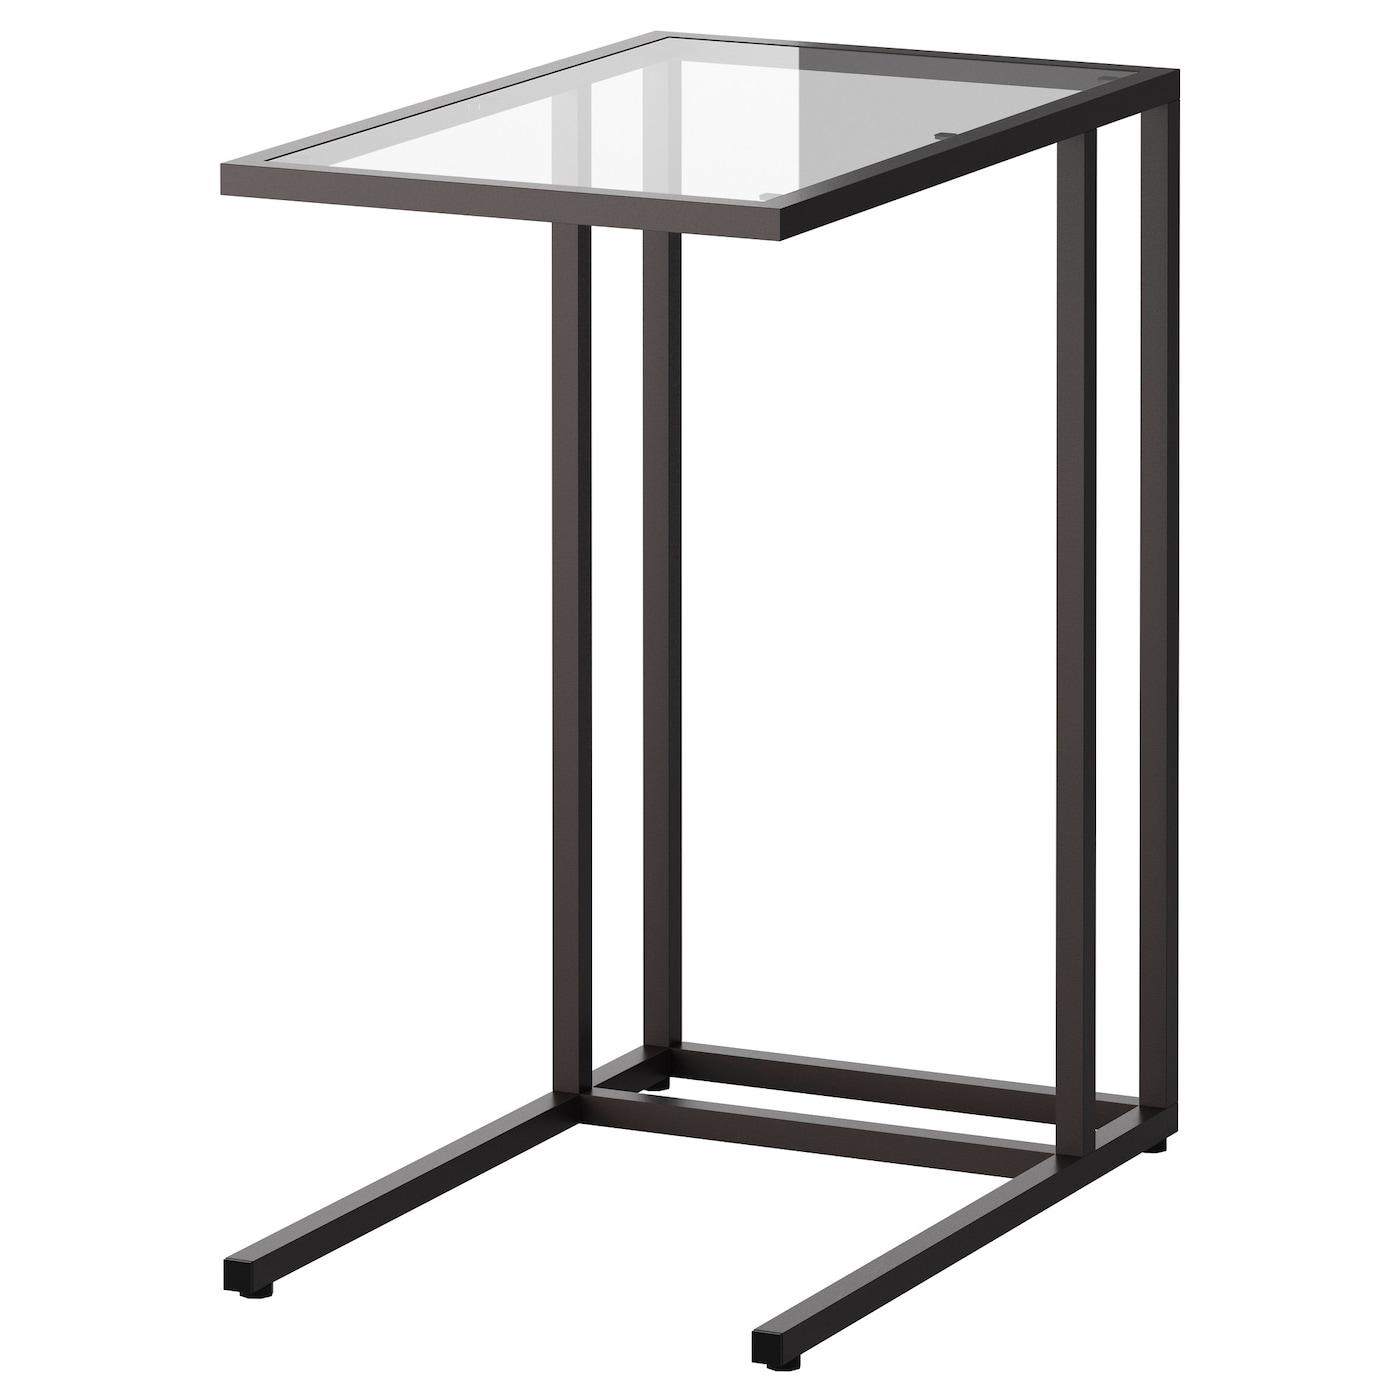 IKEA VITTSJ Laptopgestell Schwarzbraun Glas